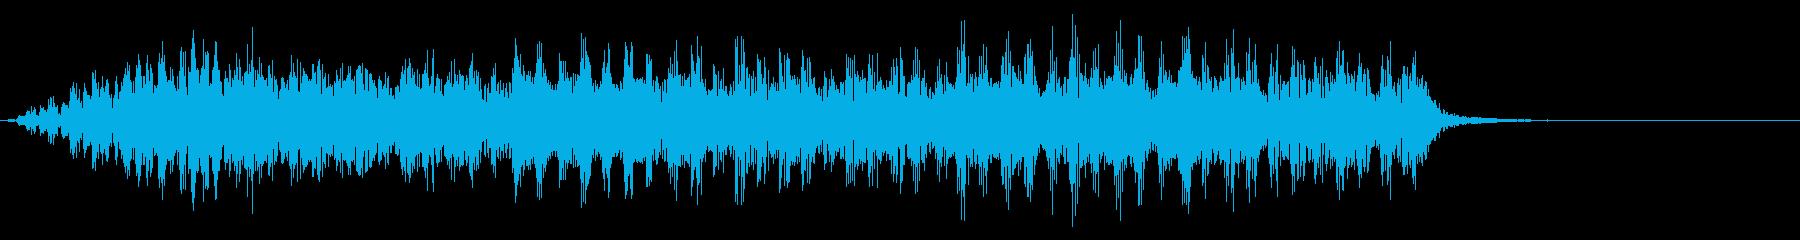 EDM系のDJ/音楽制作用フレーズ!01の再生済みの波形